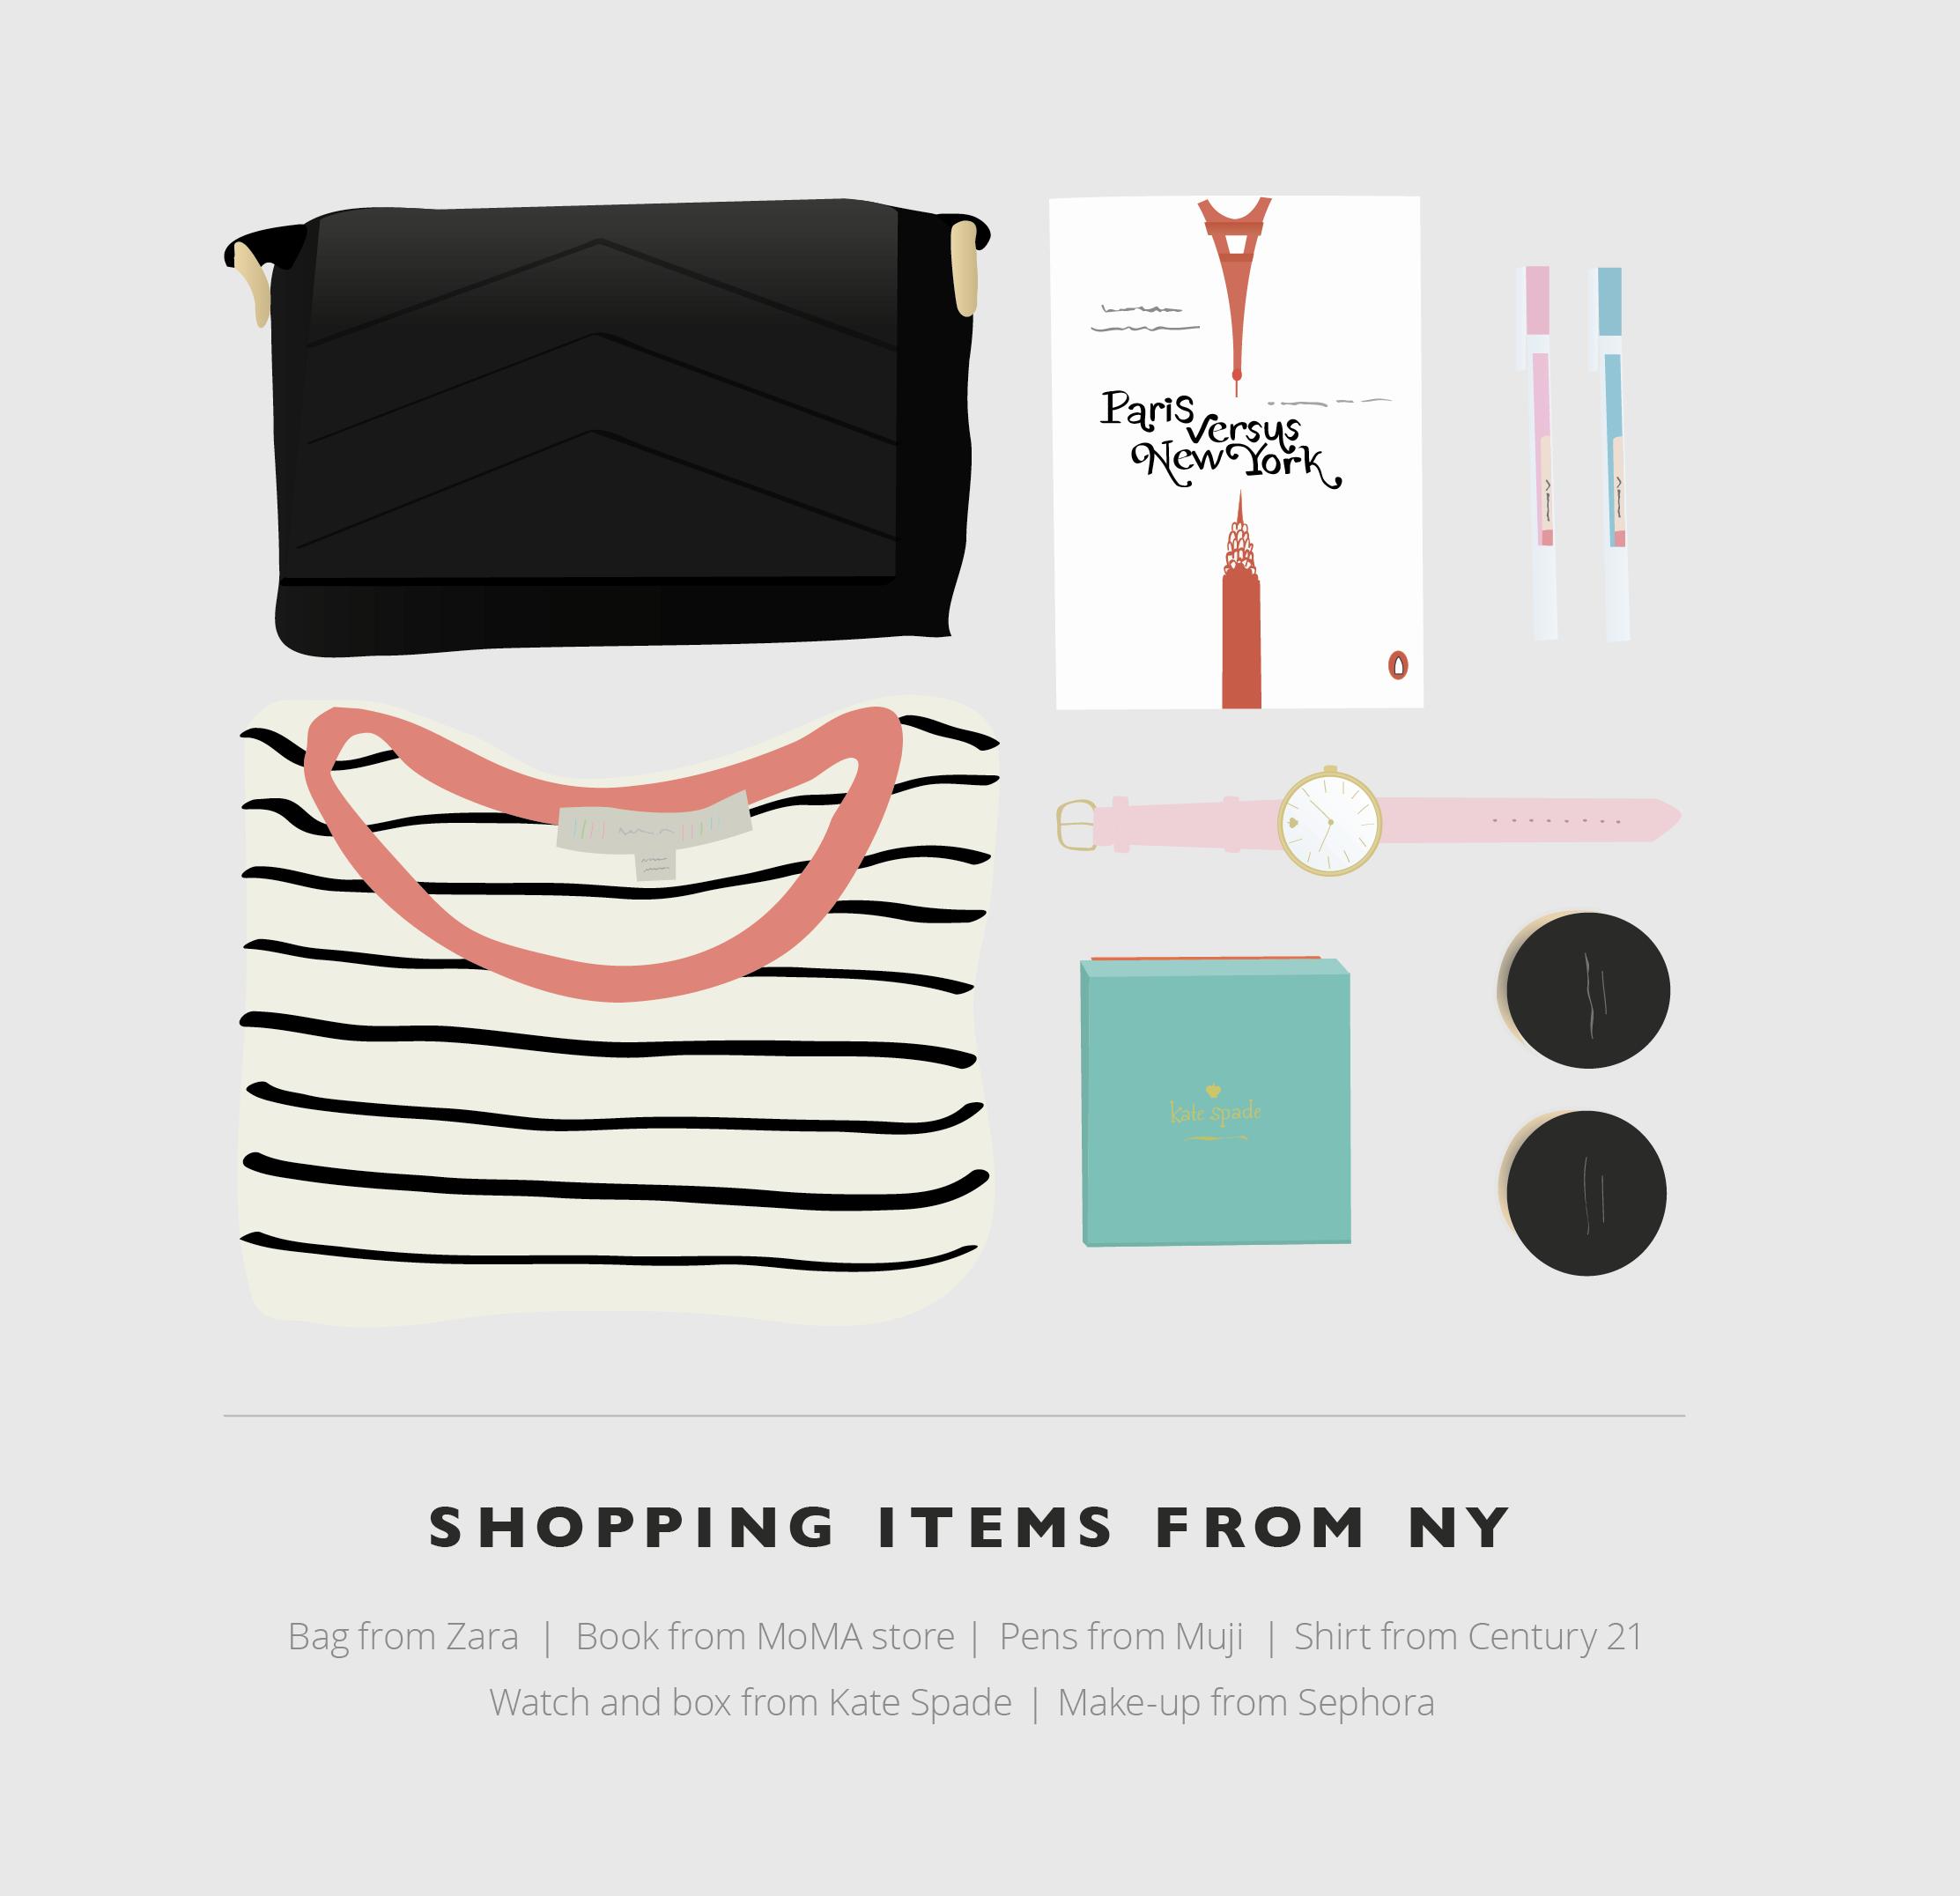 shopping-items-ny